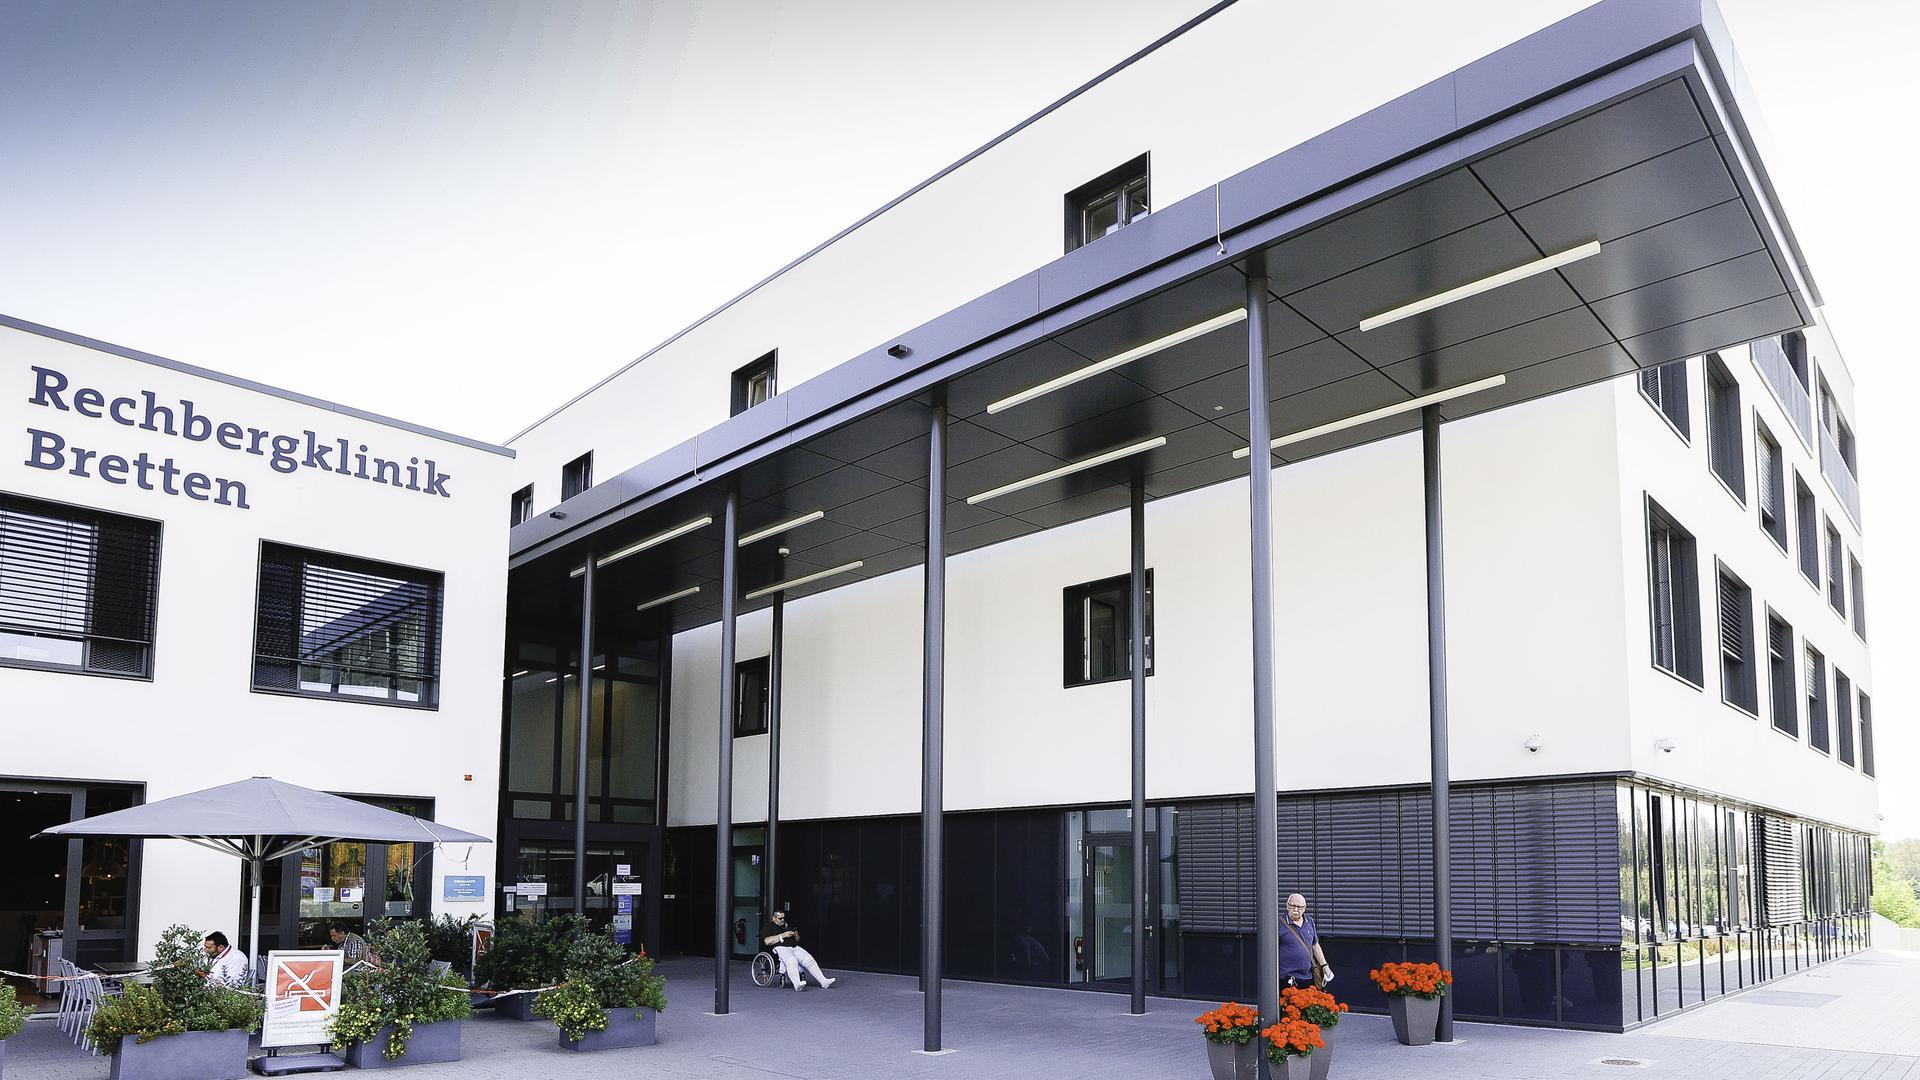 Falsche Gerüchte: In der Rechbergklinik in Bretten liegen keine doppelt geimpften Corona-Patienten. Lediglich im Ludwigsburger Krankenhaus der RKH-Kliniken wird derzeit ein sogenannter Impfdurchbrecher behandelt.